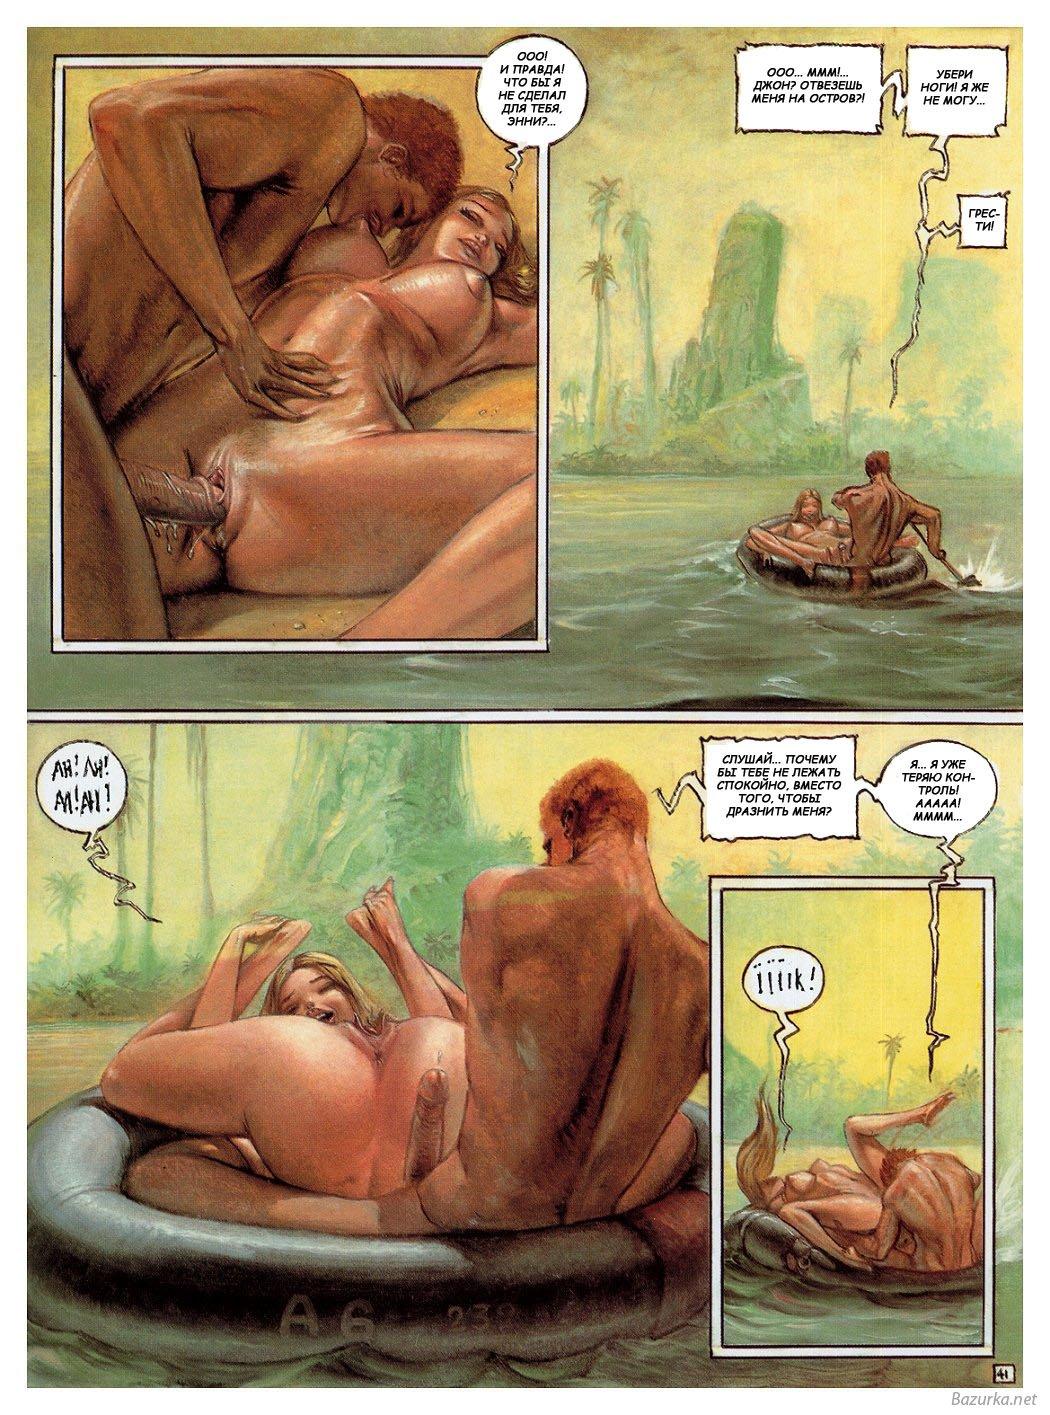 Рисованные сюжеты порно